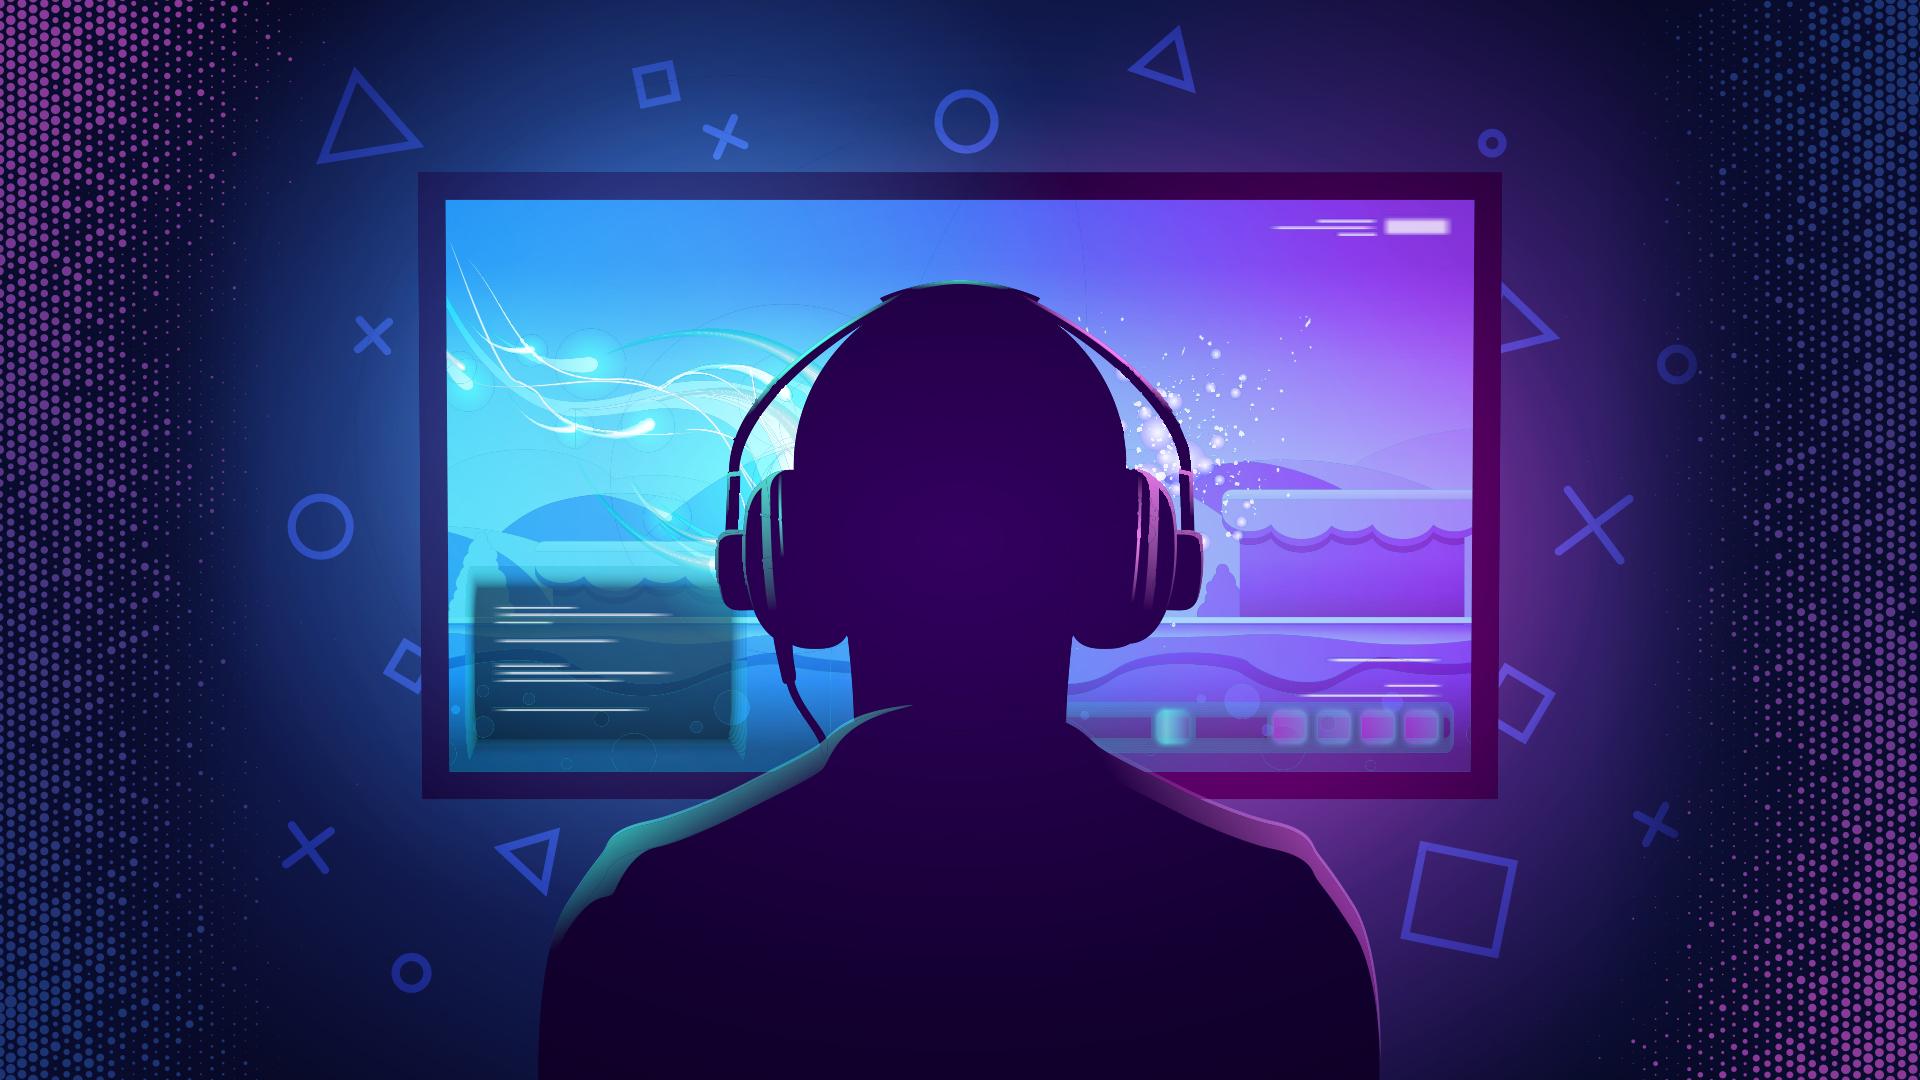 Gaming, Spiele, Konsole, Spielkonsole, Games, Tv, Fernsehen, Playstation, Konsolen, Spielekonsole, Fernseher, Spielekonsolen, Computer, Bildschirm, Controller, Kopfhörer, 4K, Monitor, TV-Gerät, Stockfotos, Gamepad, Gamer, 8K, Sony Playstation, Entertainment, Profi-Gamer, Unterhaltung, Tunnel, nerd, Computerspieler, Overear